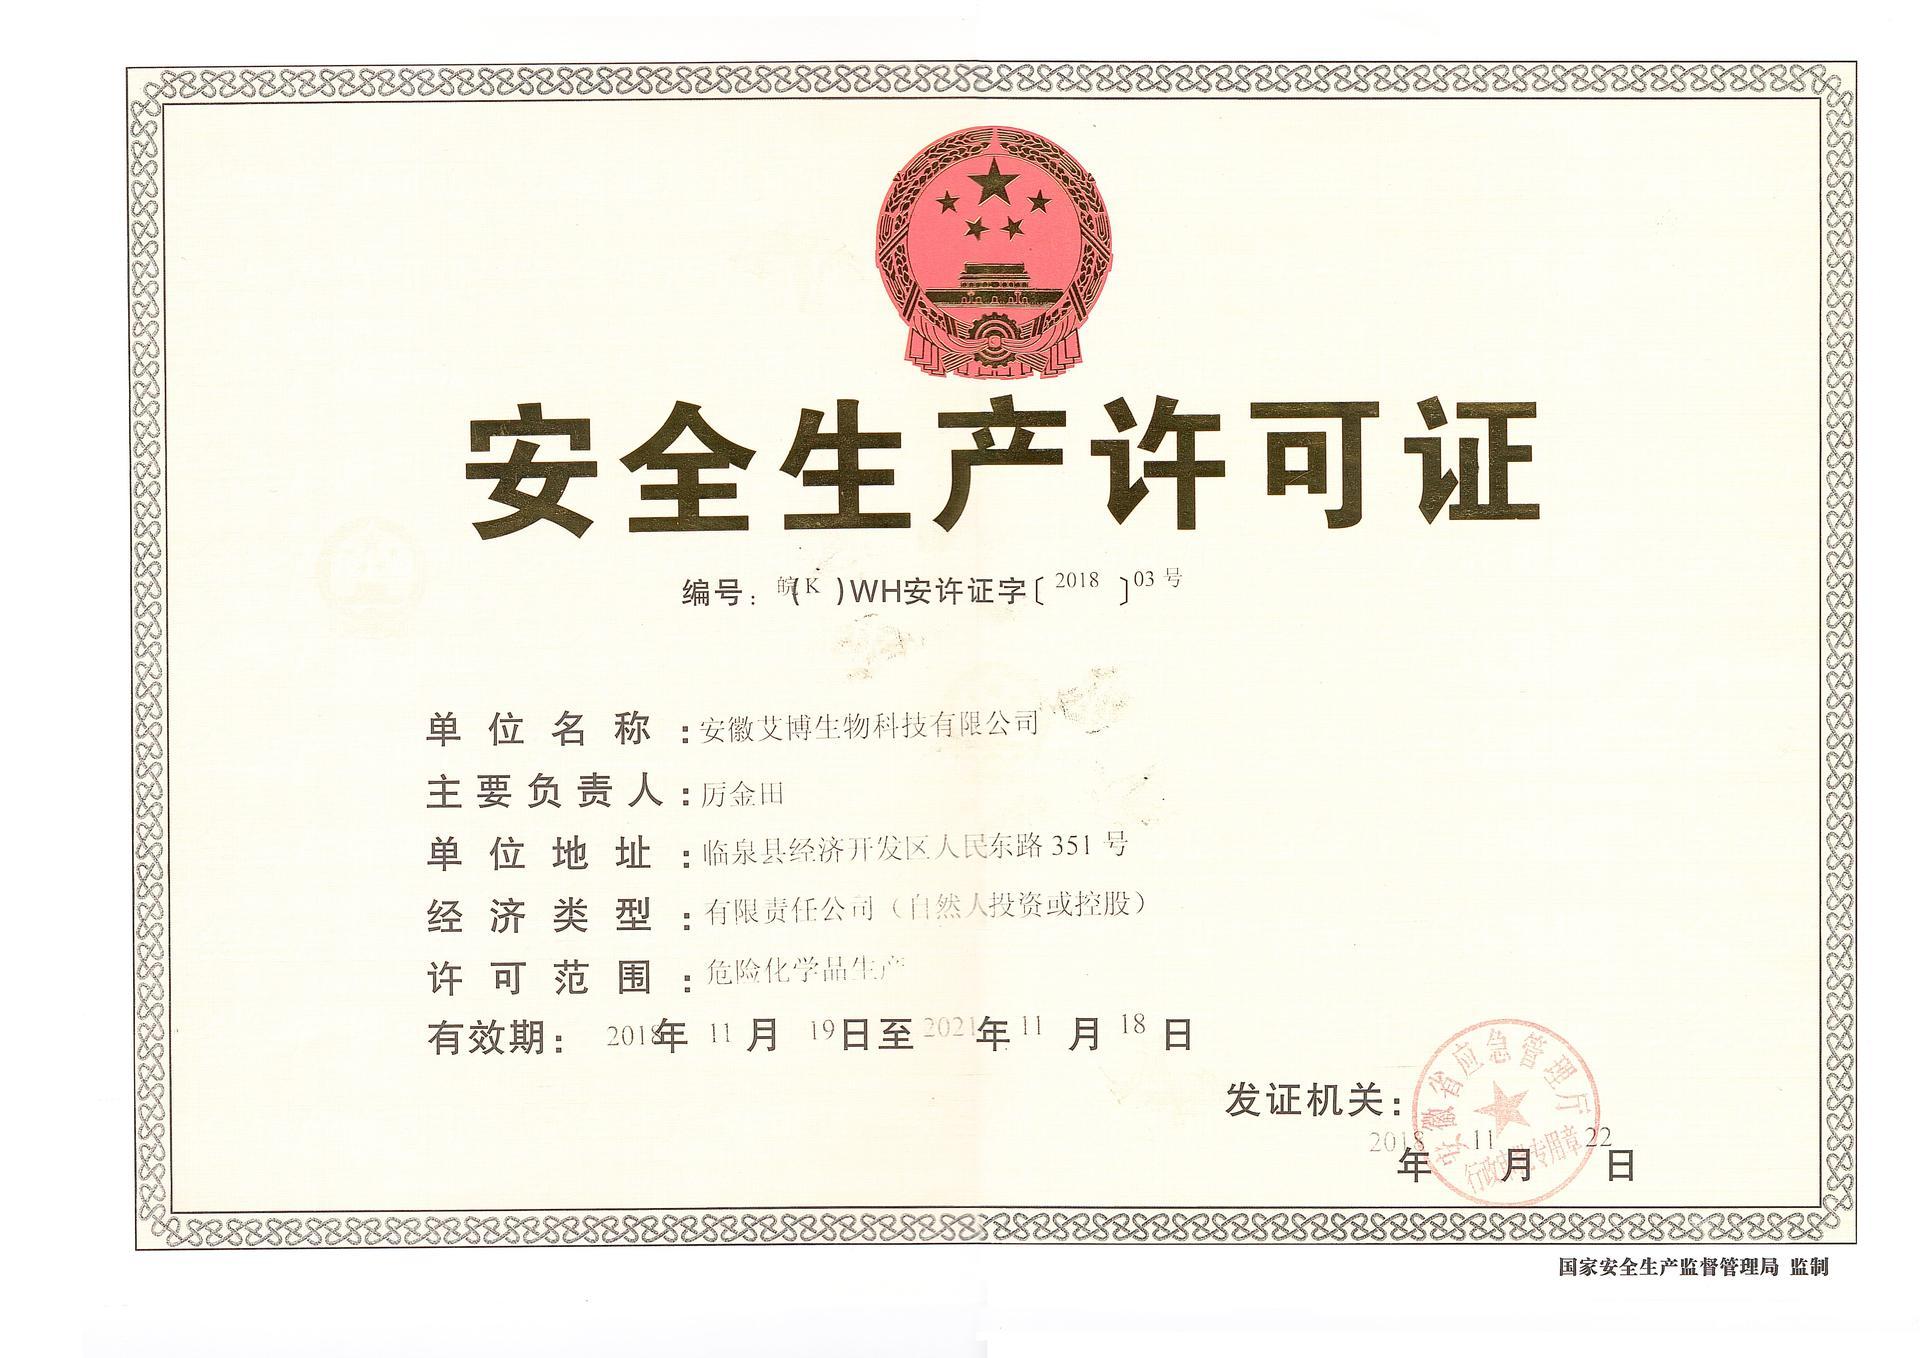 生产许可证锑钾正本.jpg